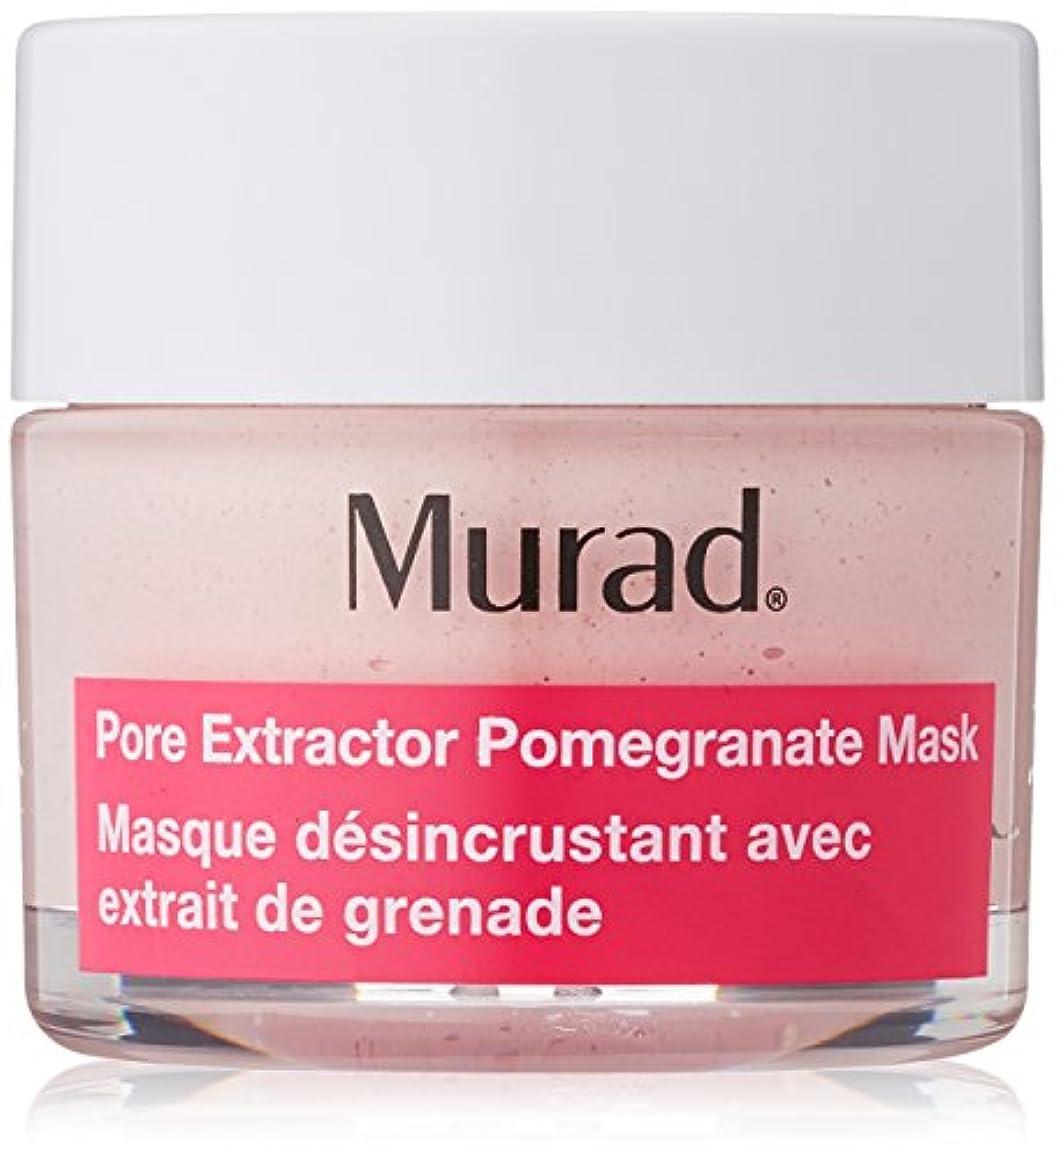 Murad ポアエクストラクター ざくろマスク、1.7 オンス (50 ml)